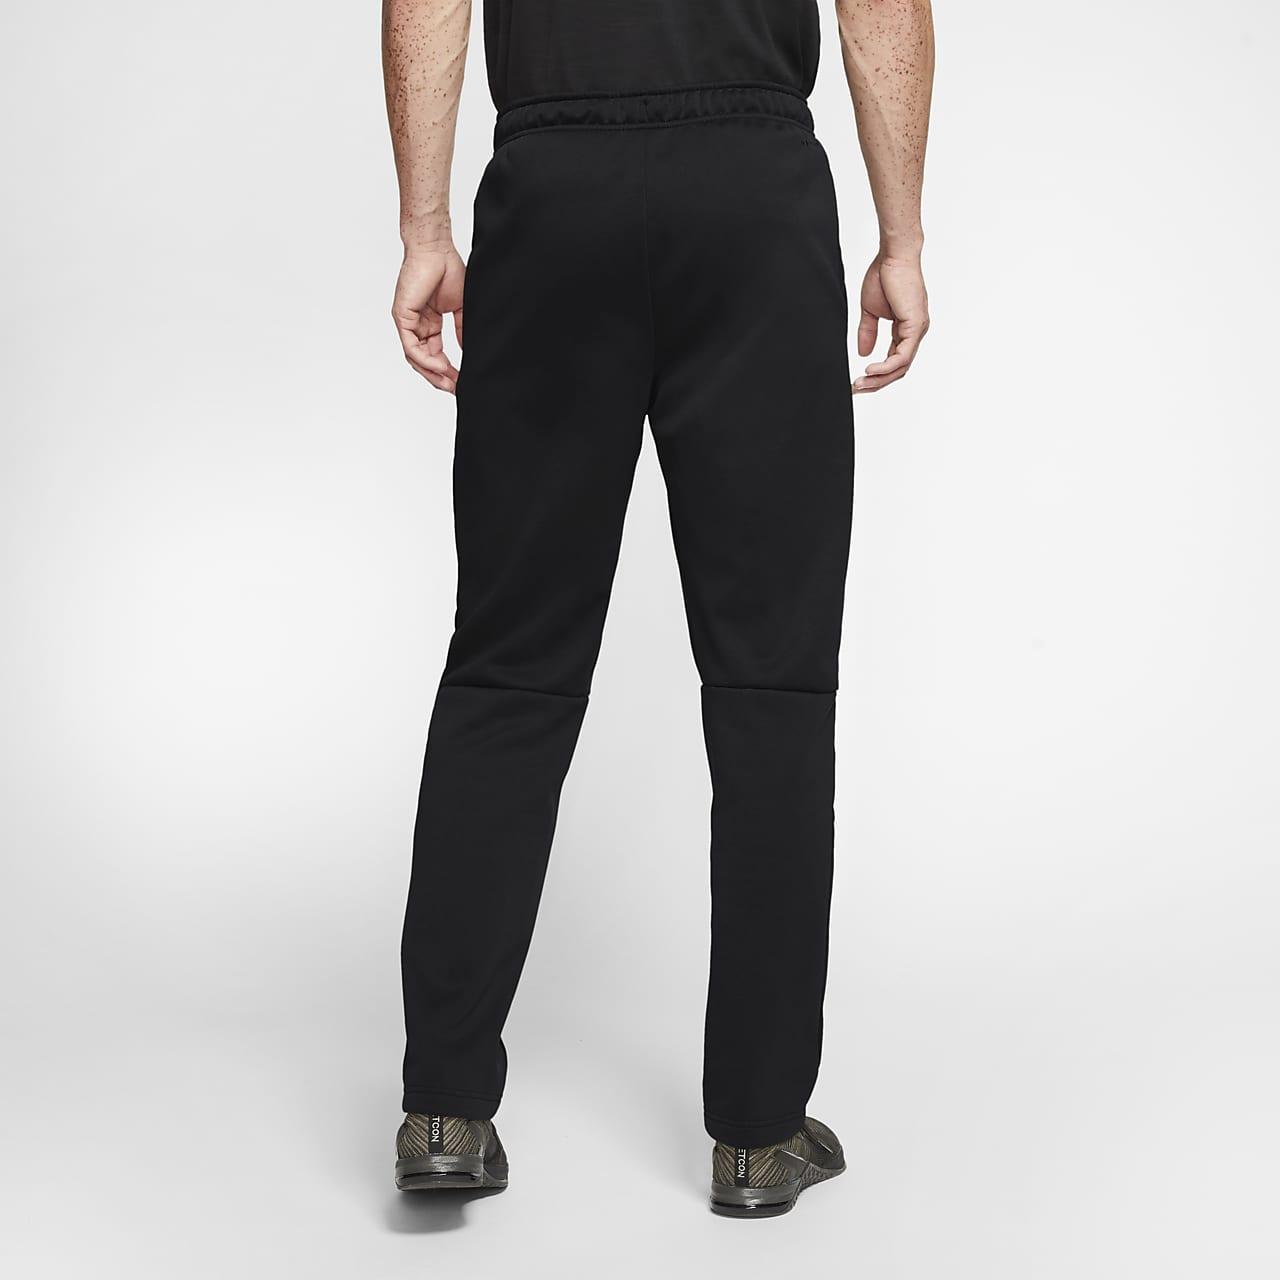 65b6421c4491 Nike Dri-FIT Therma Men s Training Pants. Nike.com